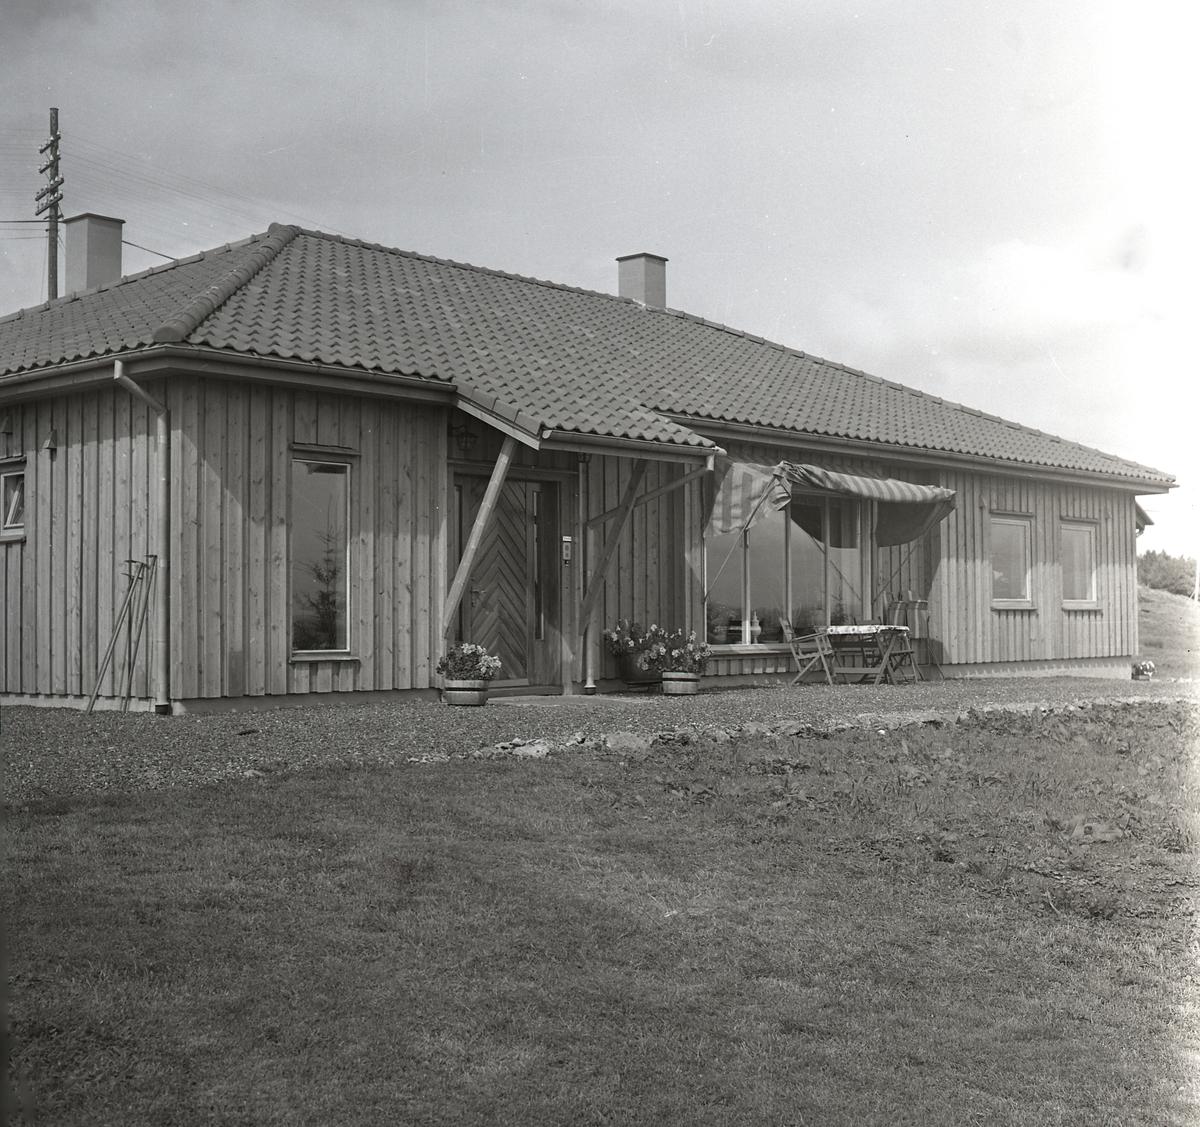 Karmøy - Distriktslegefrue Tvedt - Sør Karmøy